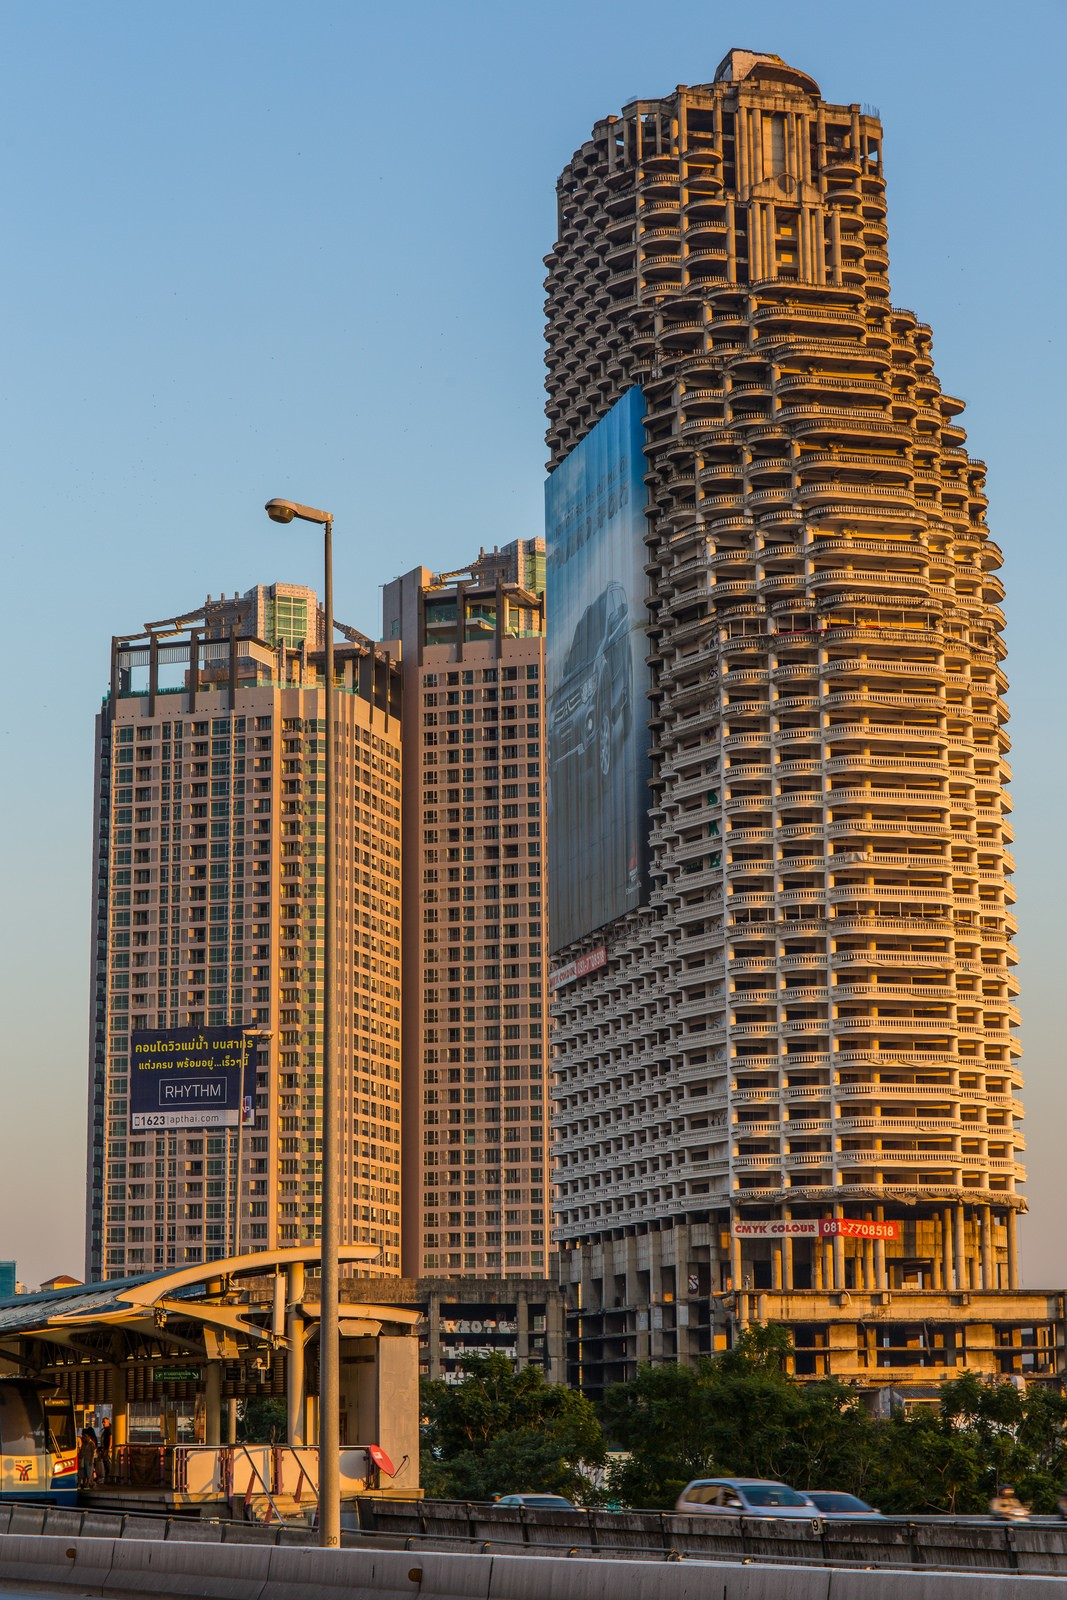 Как выглядит самый большой заброшенный небоскреб в мире Как выглядит самый большой заброшенный небоскреб в мире 20 1